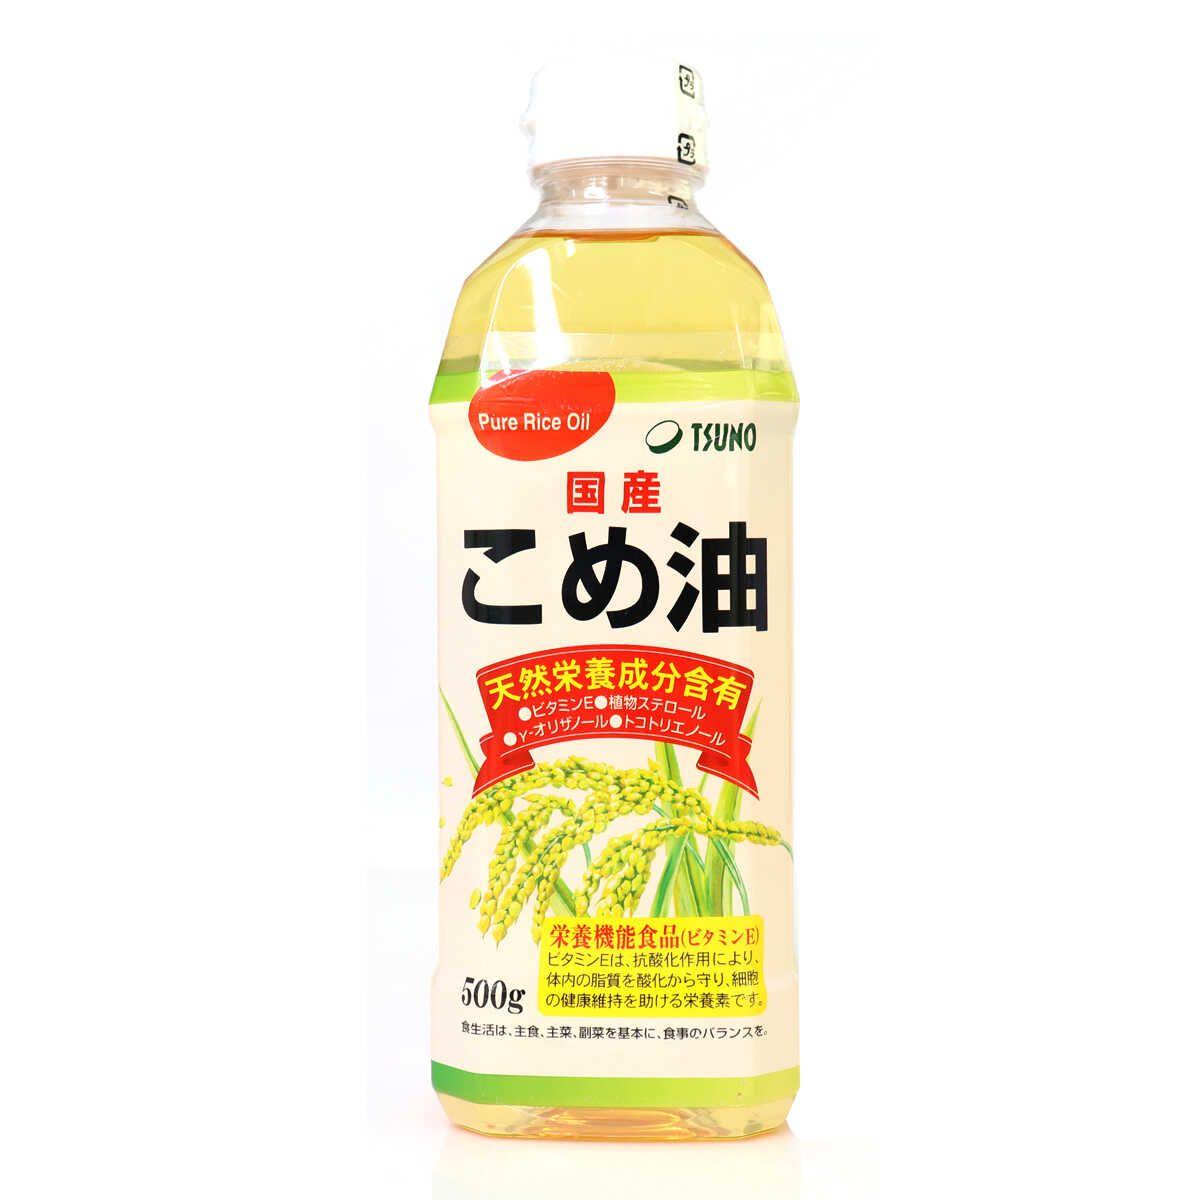 Dầu Gạo Nhật Bản Tsuno Nguyên Chất 500g